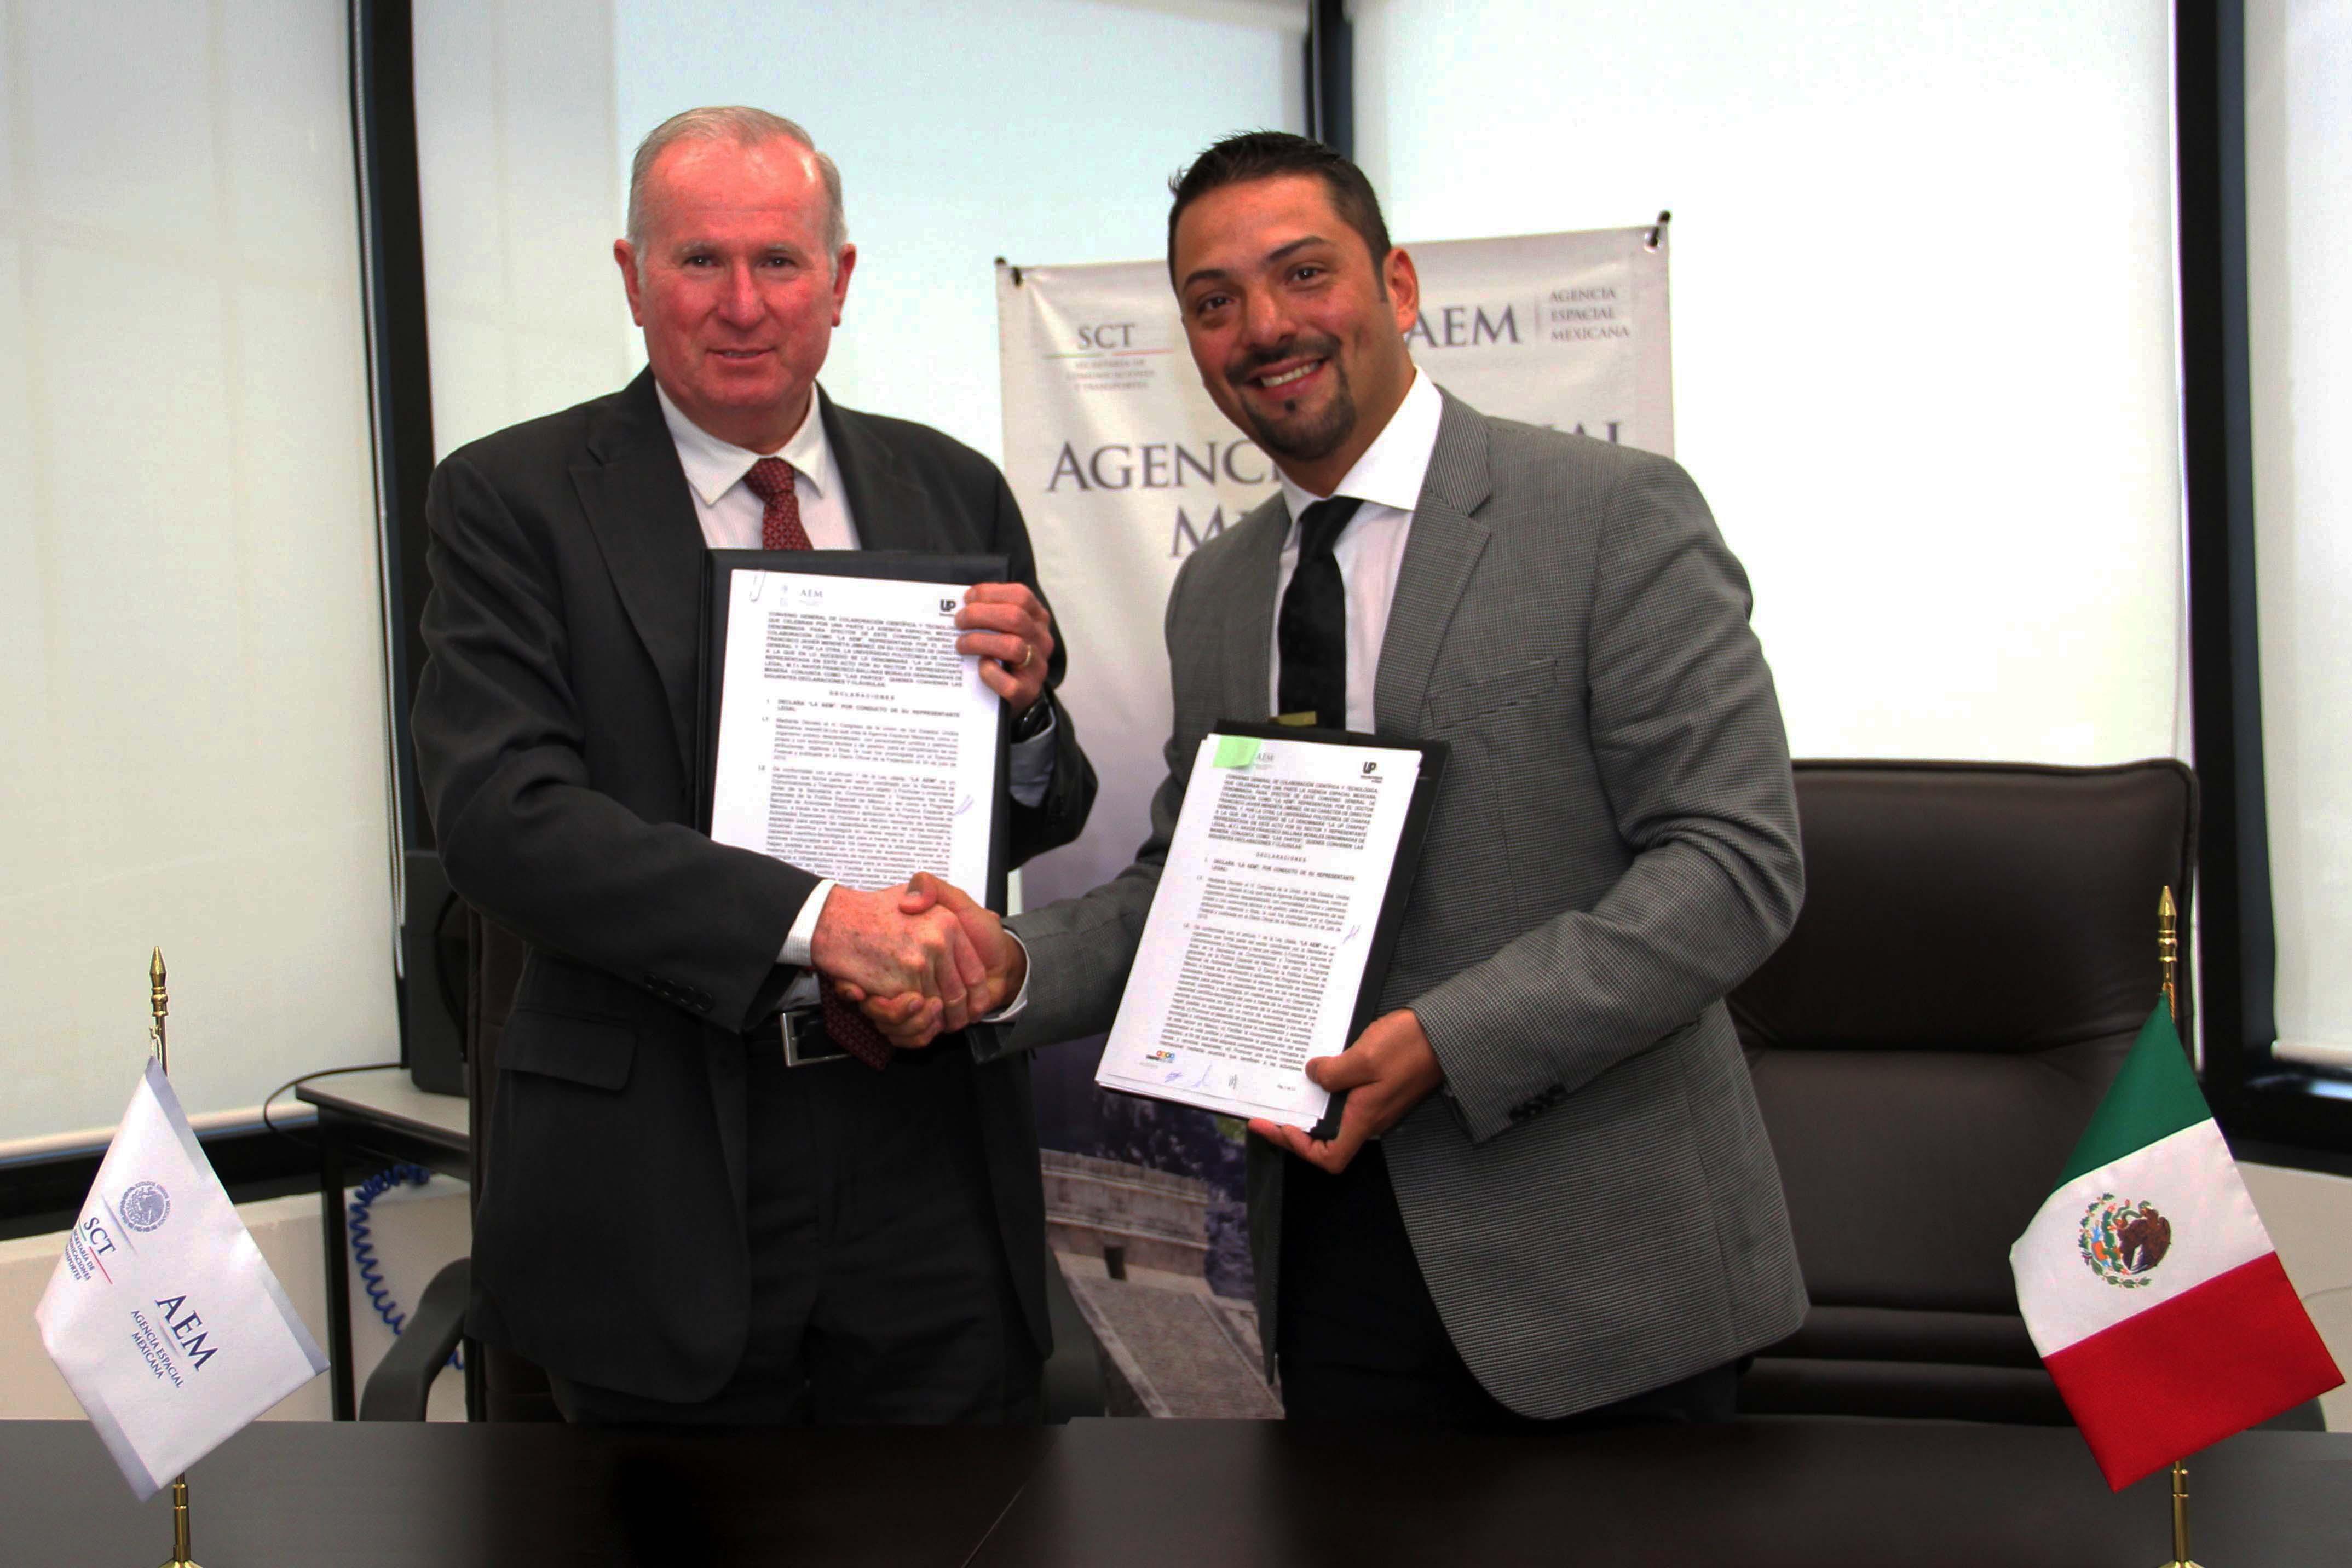 Proyecta Agencia Espacial Mexicana centro de desarrollo espacial con gobierno de Chiapas